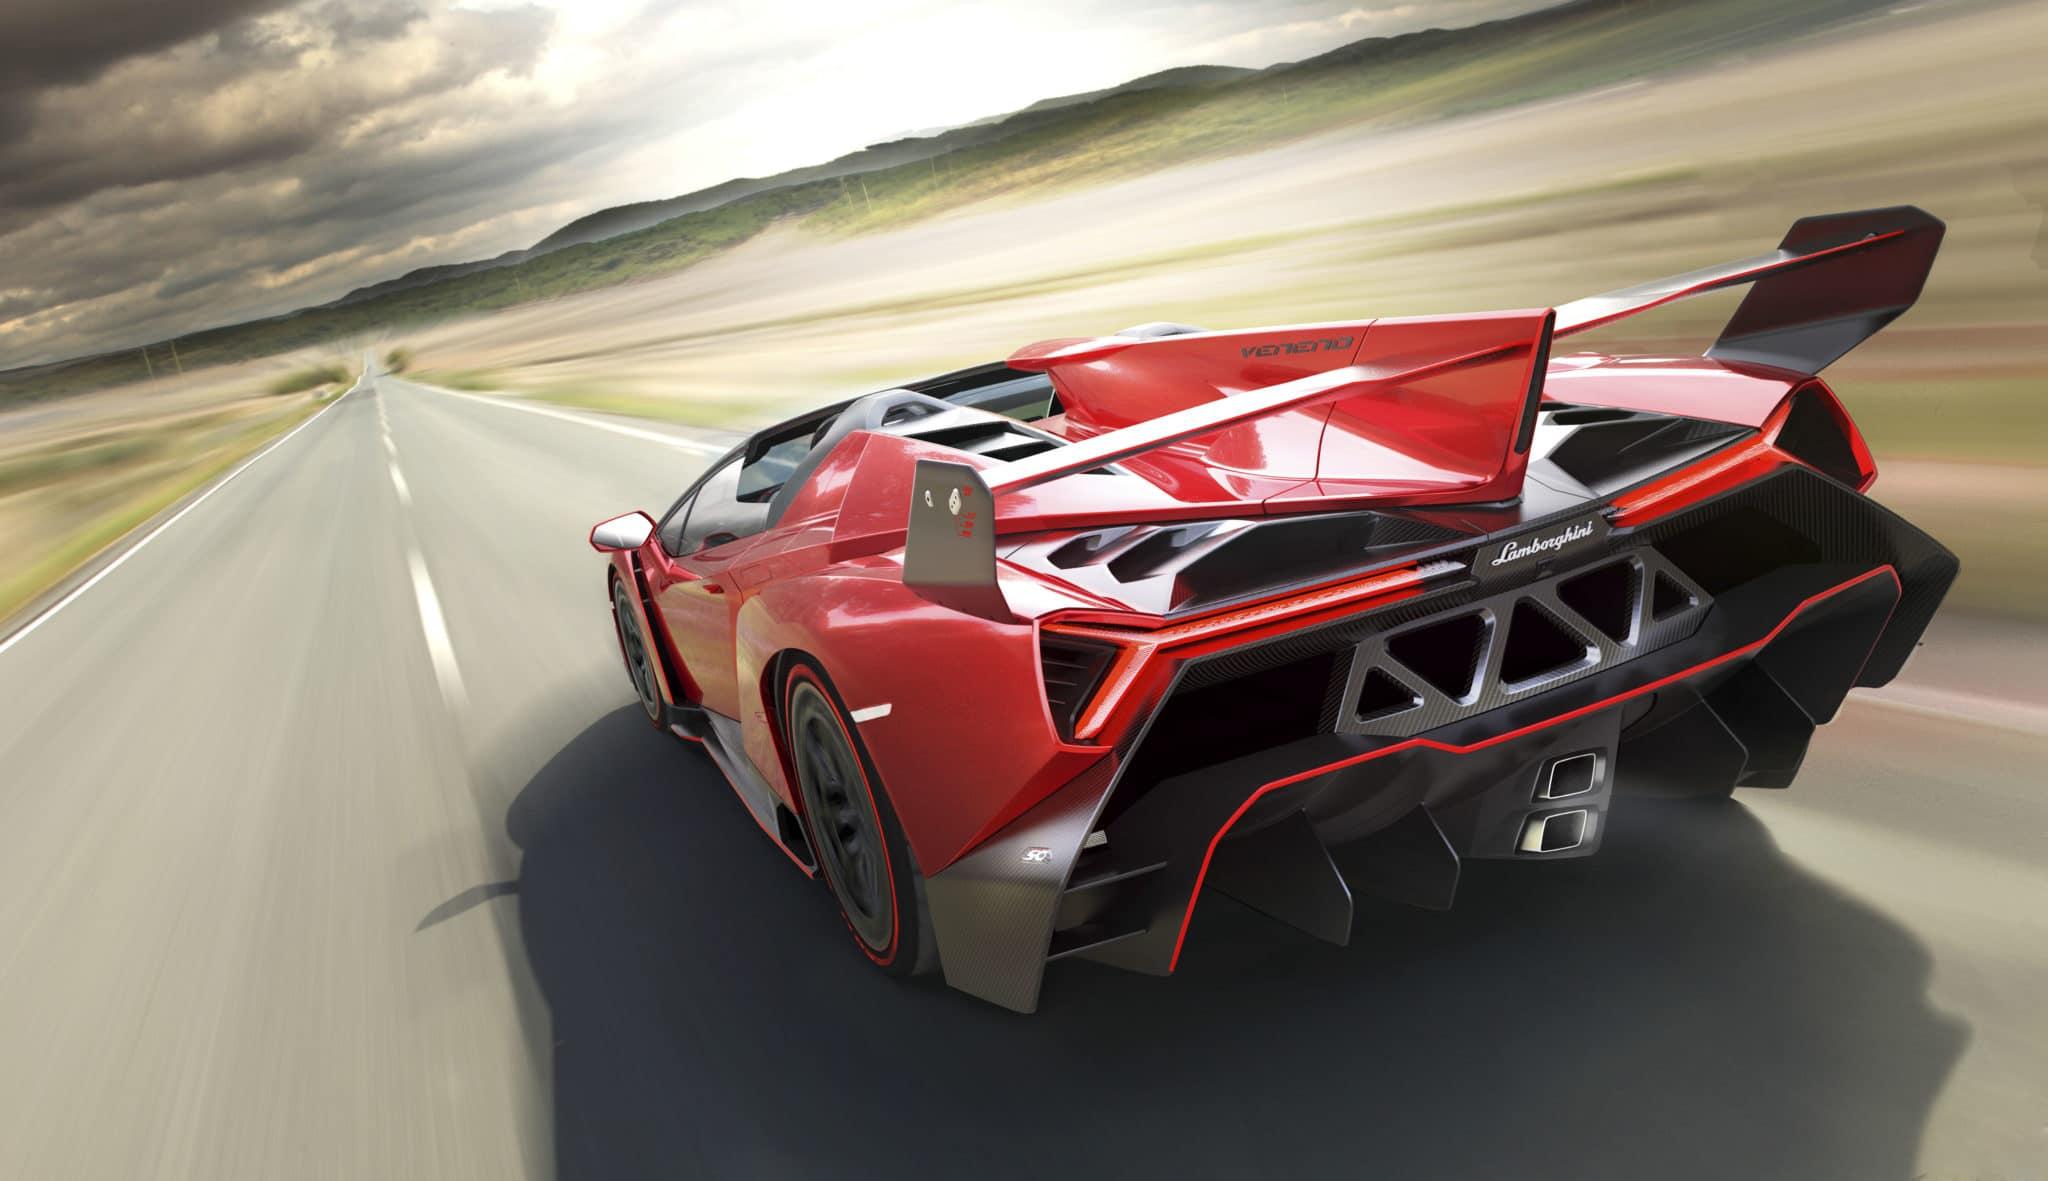 Lamborghini Veneno Roadster – Un capolavoro di ingegneria e design